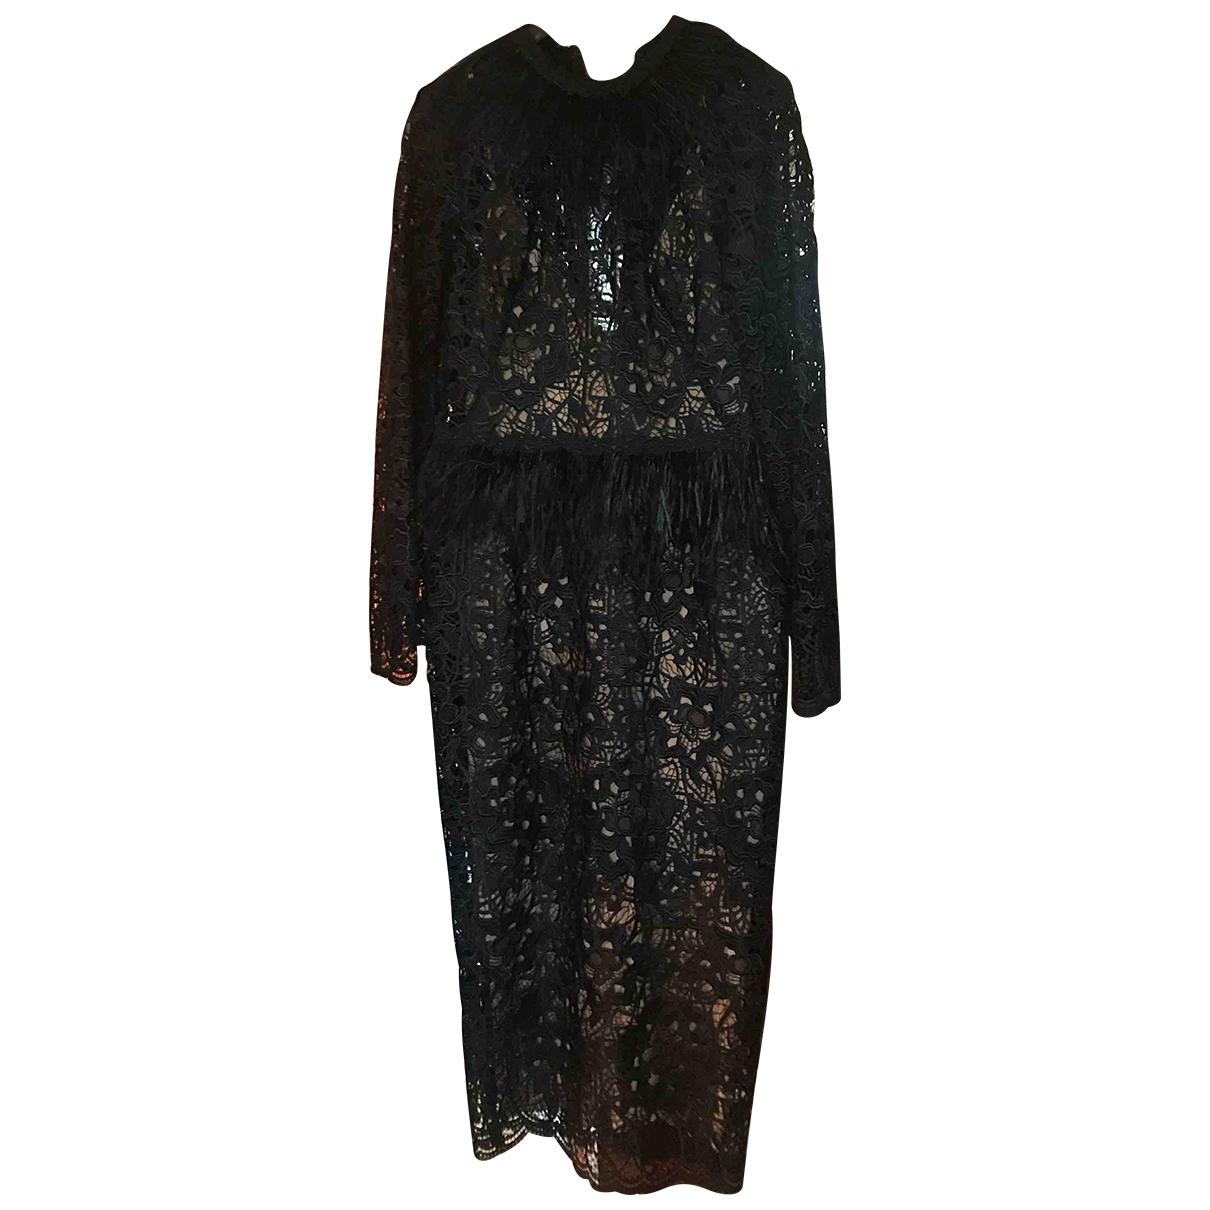 Zuhair Murad \N Black Lace dress for Women 36 FR